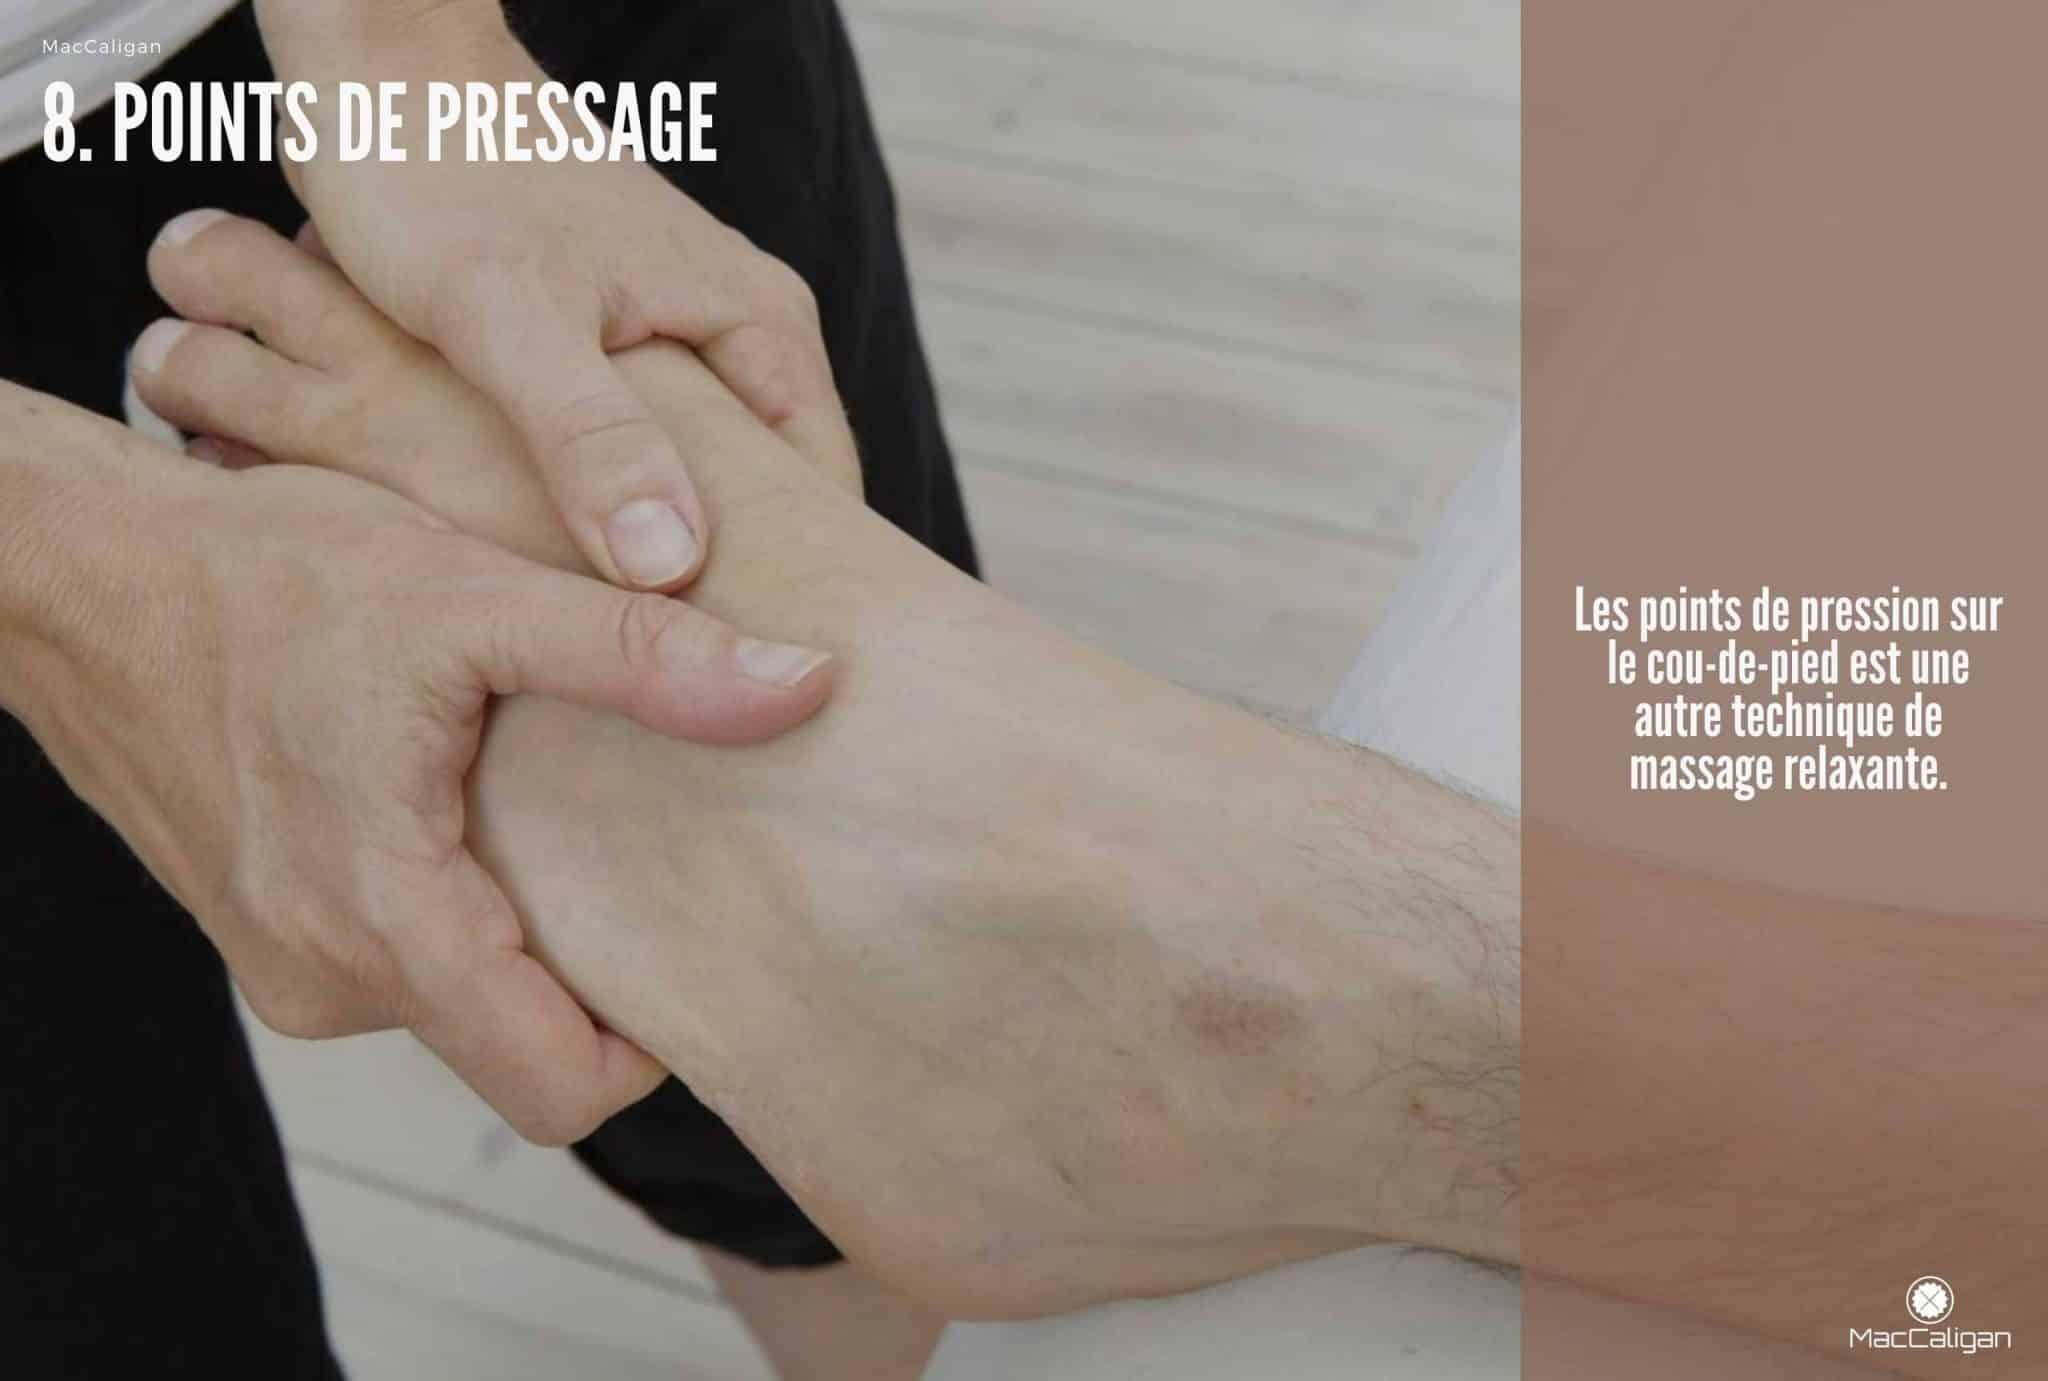 8. POINTS DE PRESSAGE (MASSAGE PIEDS)